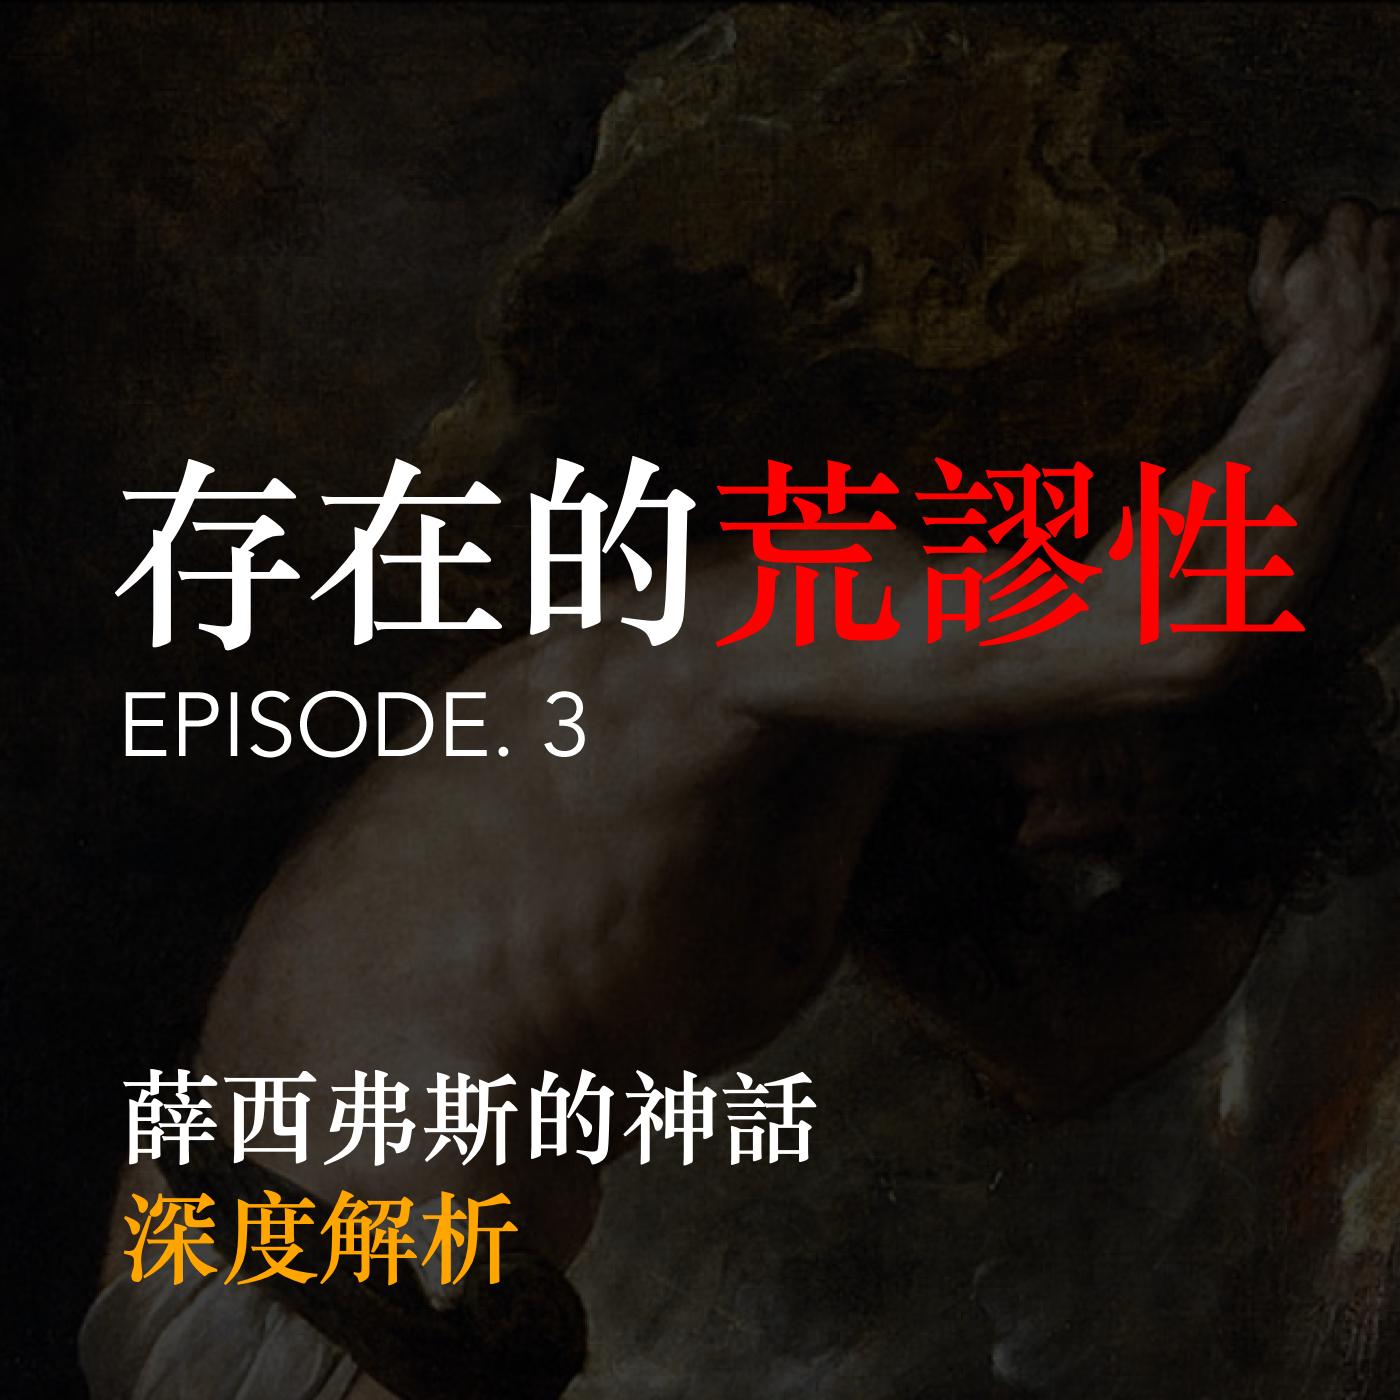 存在的荒謬性 EP.3 - 薛西弗斯的神話深度解析 | 荒謬的高牆